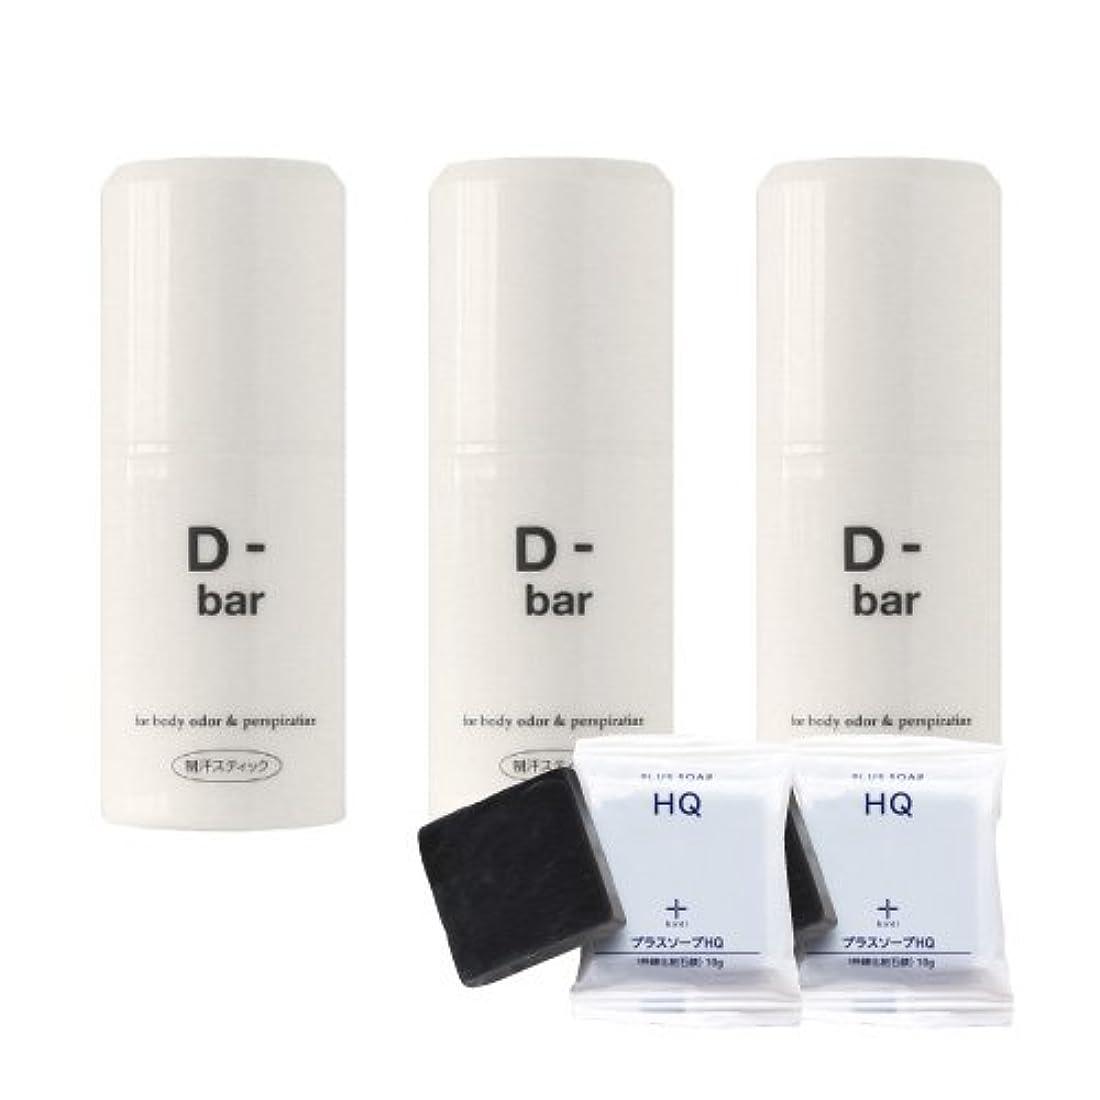 ダメージ本能敬の念D-bar(ディーバー) 15g 3本 + プラスソープHQミニ 2個